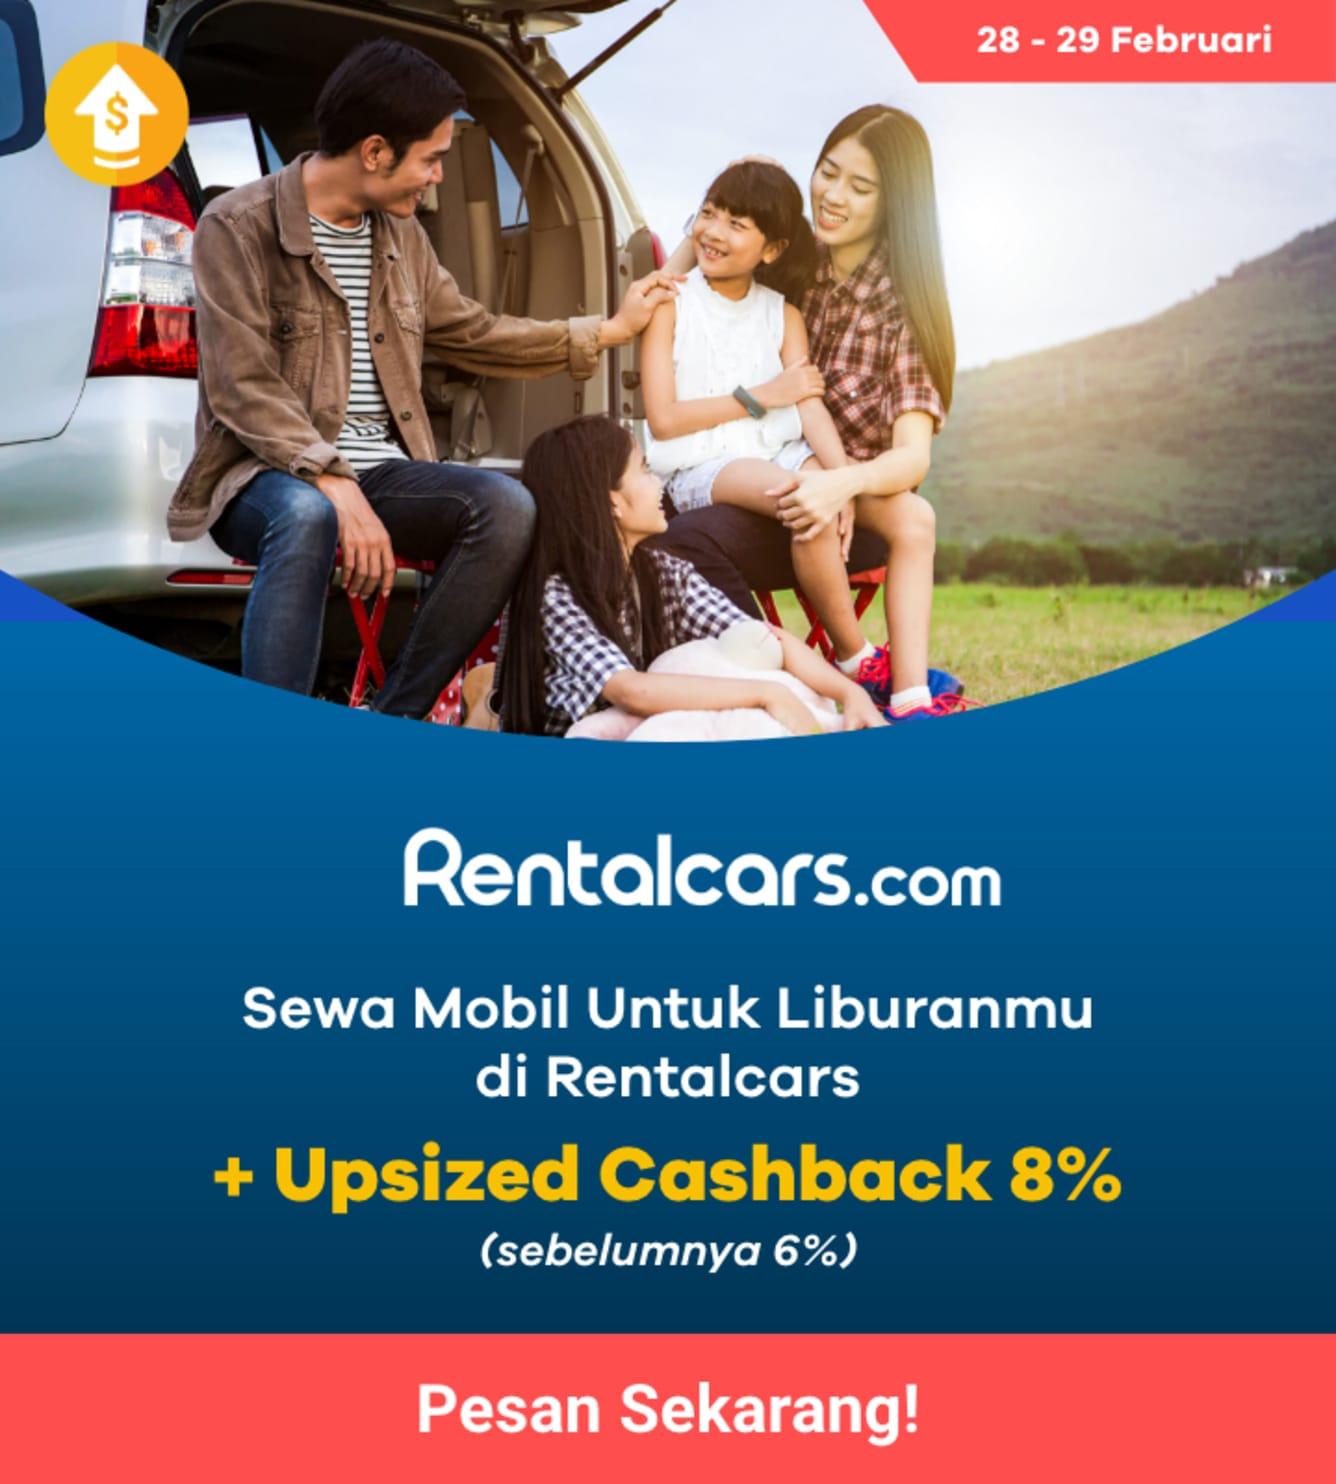 Week 9 - Promo Rentalcars